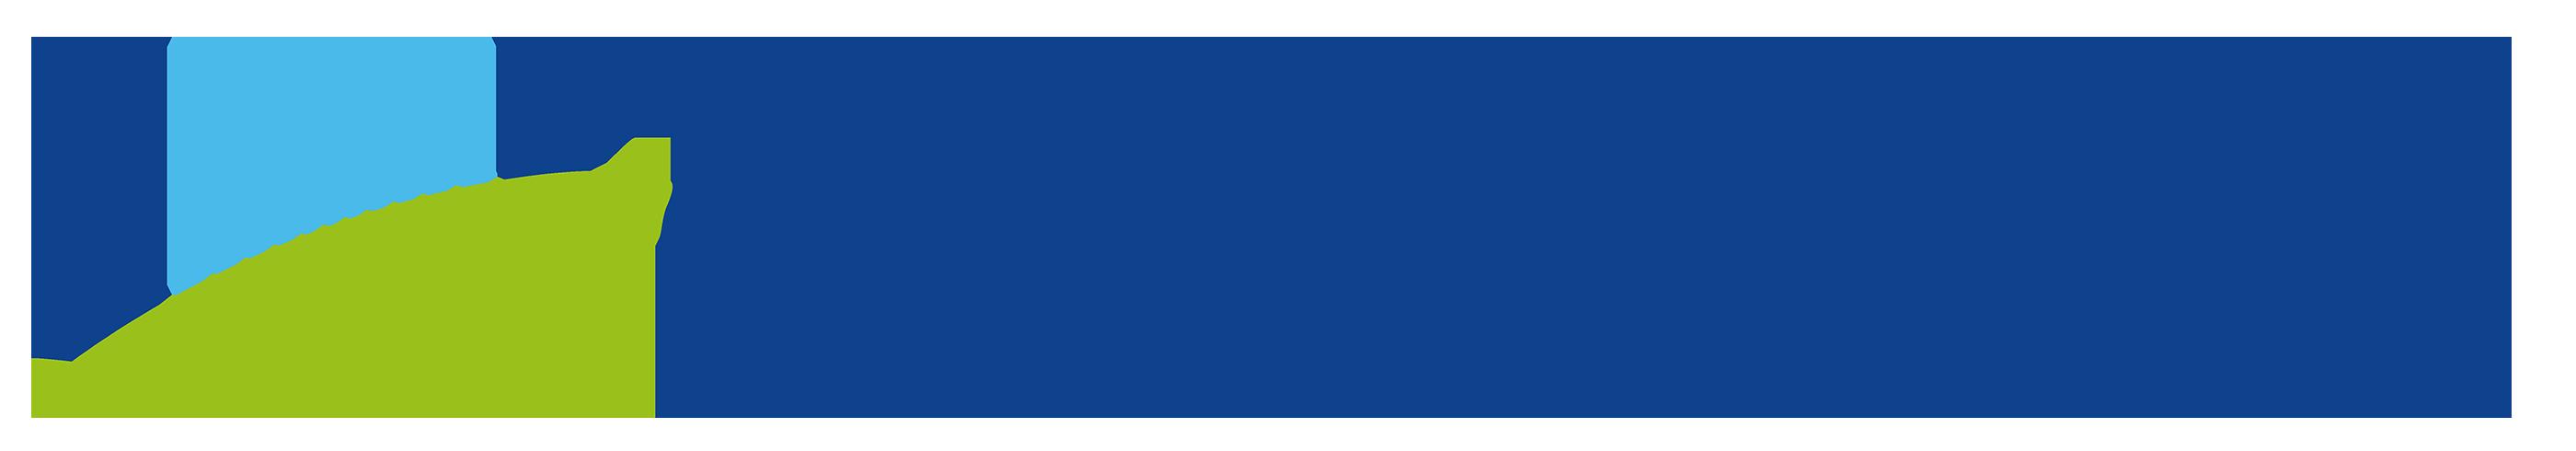 PHDL-Logo-einzeilig-farbe-englisch-2019